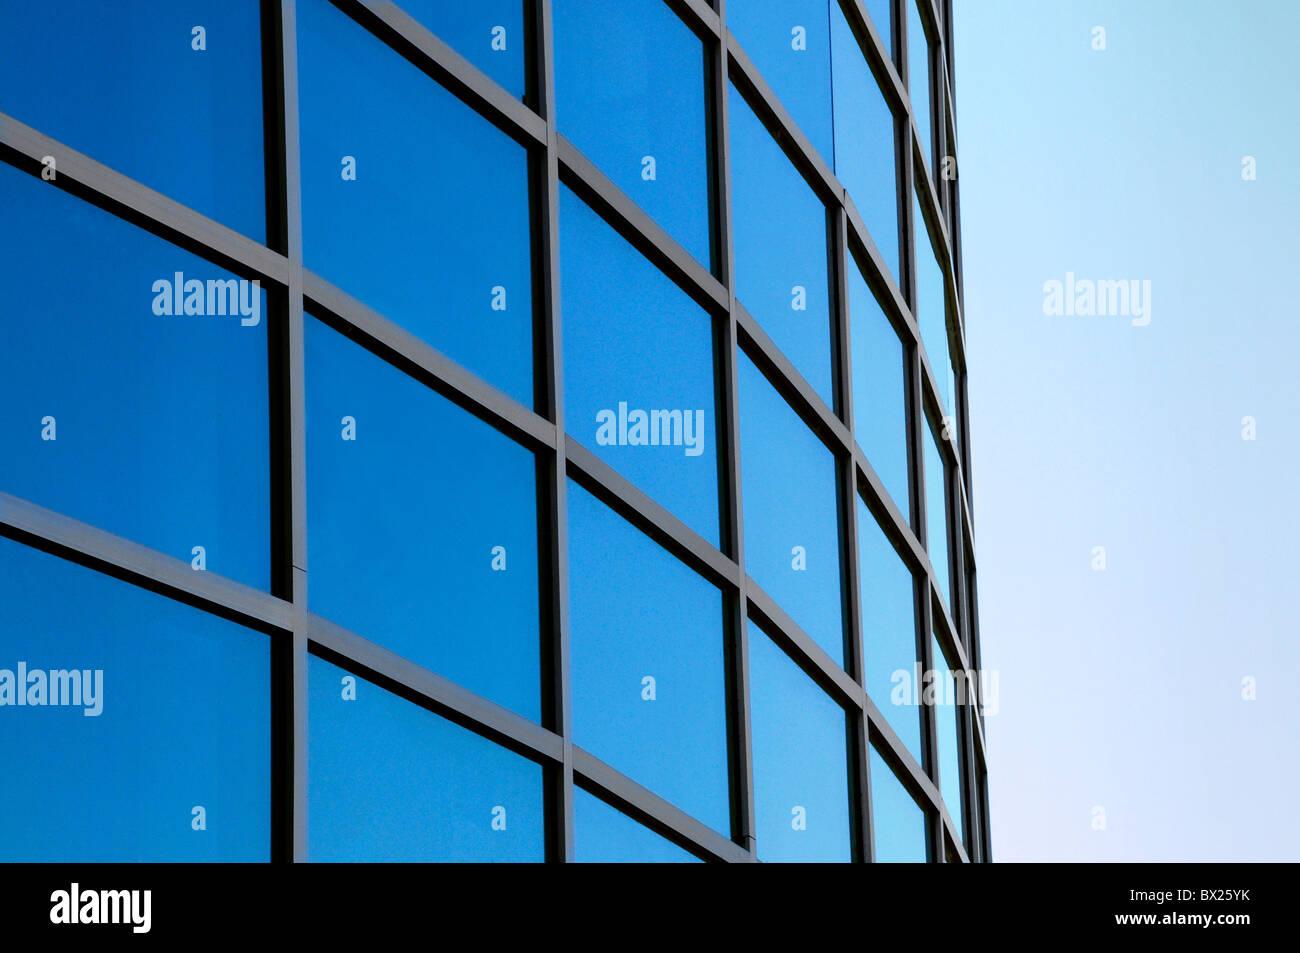 Esterno curvo windows di un ufficio commerciale edificio che riflette un cielo blu Immagini Stock